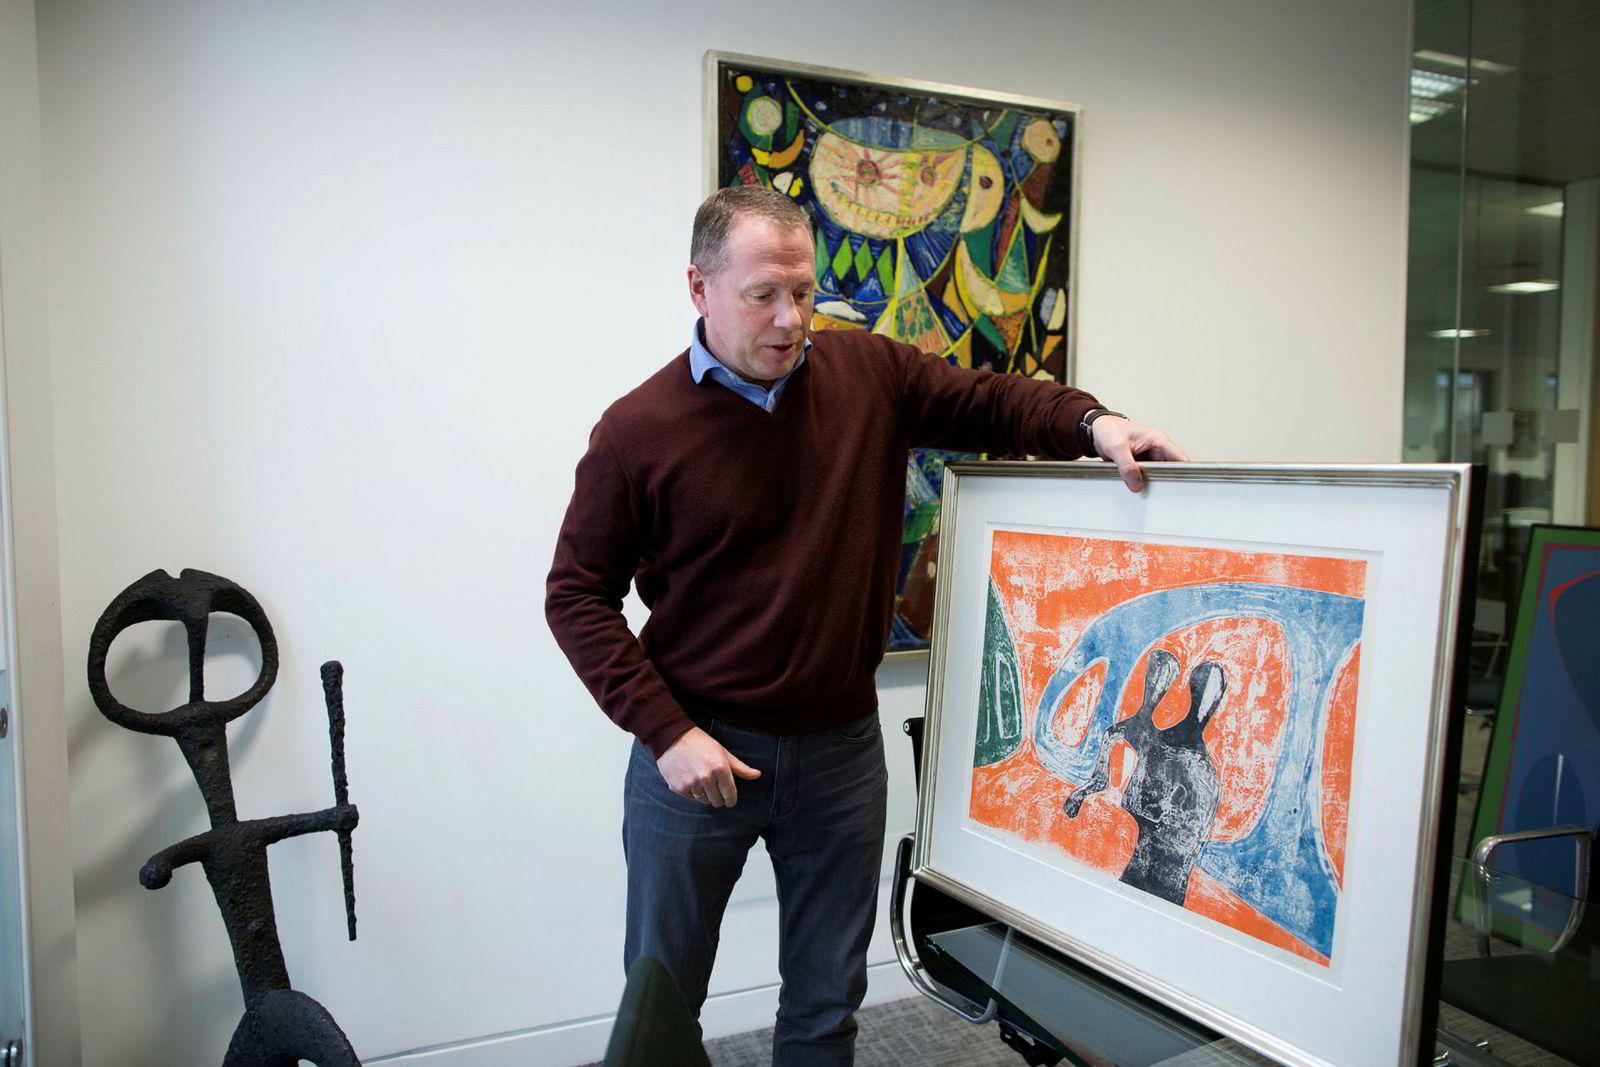 Investoren Nicolai Tangen med kunstverk han vil gi til den nye kunstsiloen i Kristiansand; et verk av danske Egill Jacobsen (på veggen). På bordet et verk av en av hans favorittkunstnere, norsk-tyske Rolf Nesch.